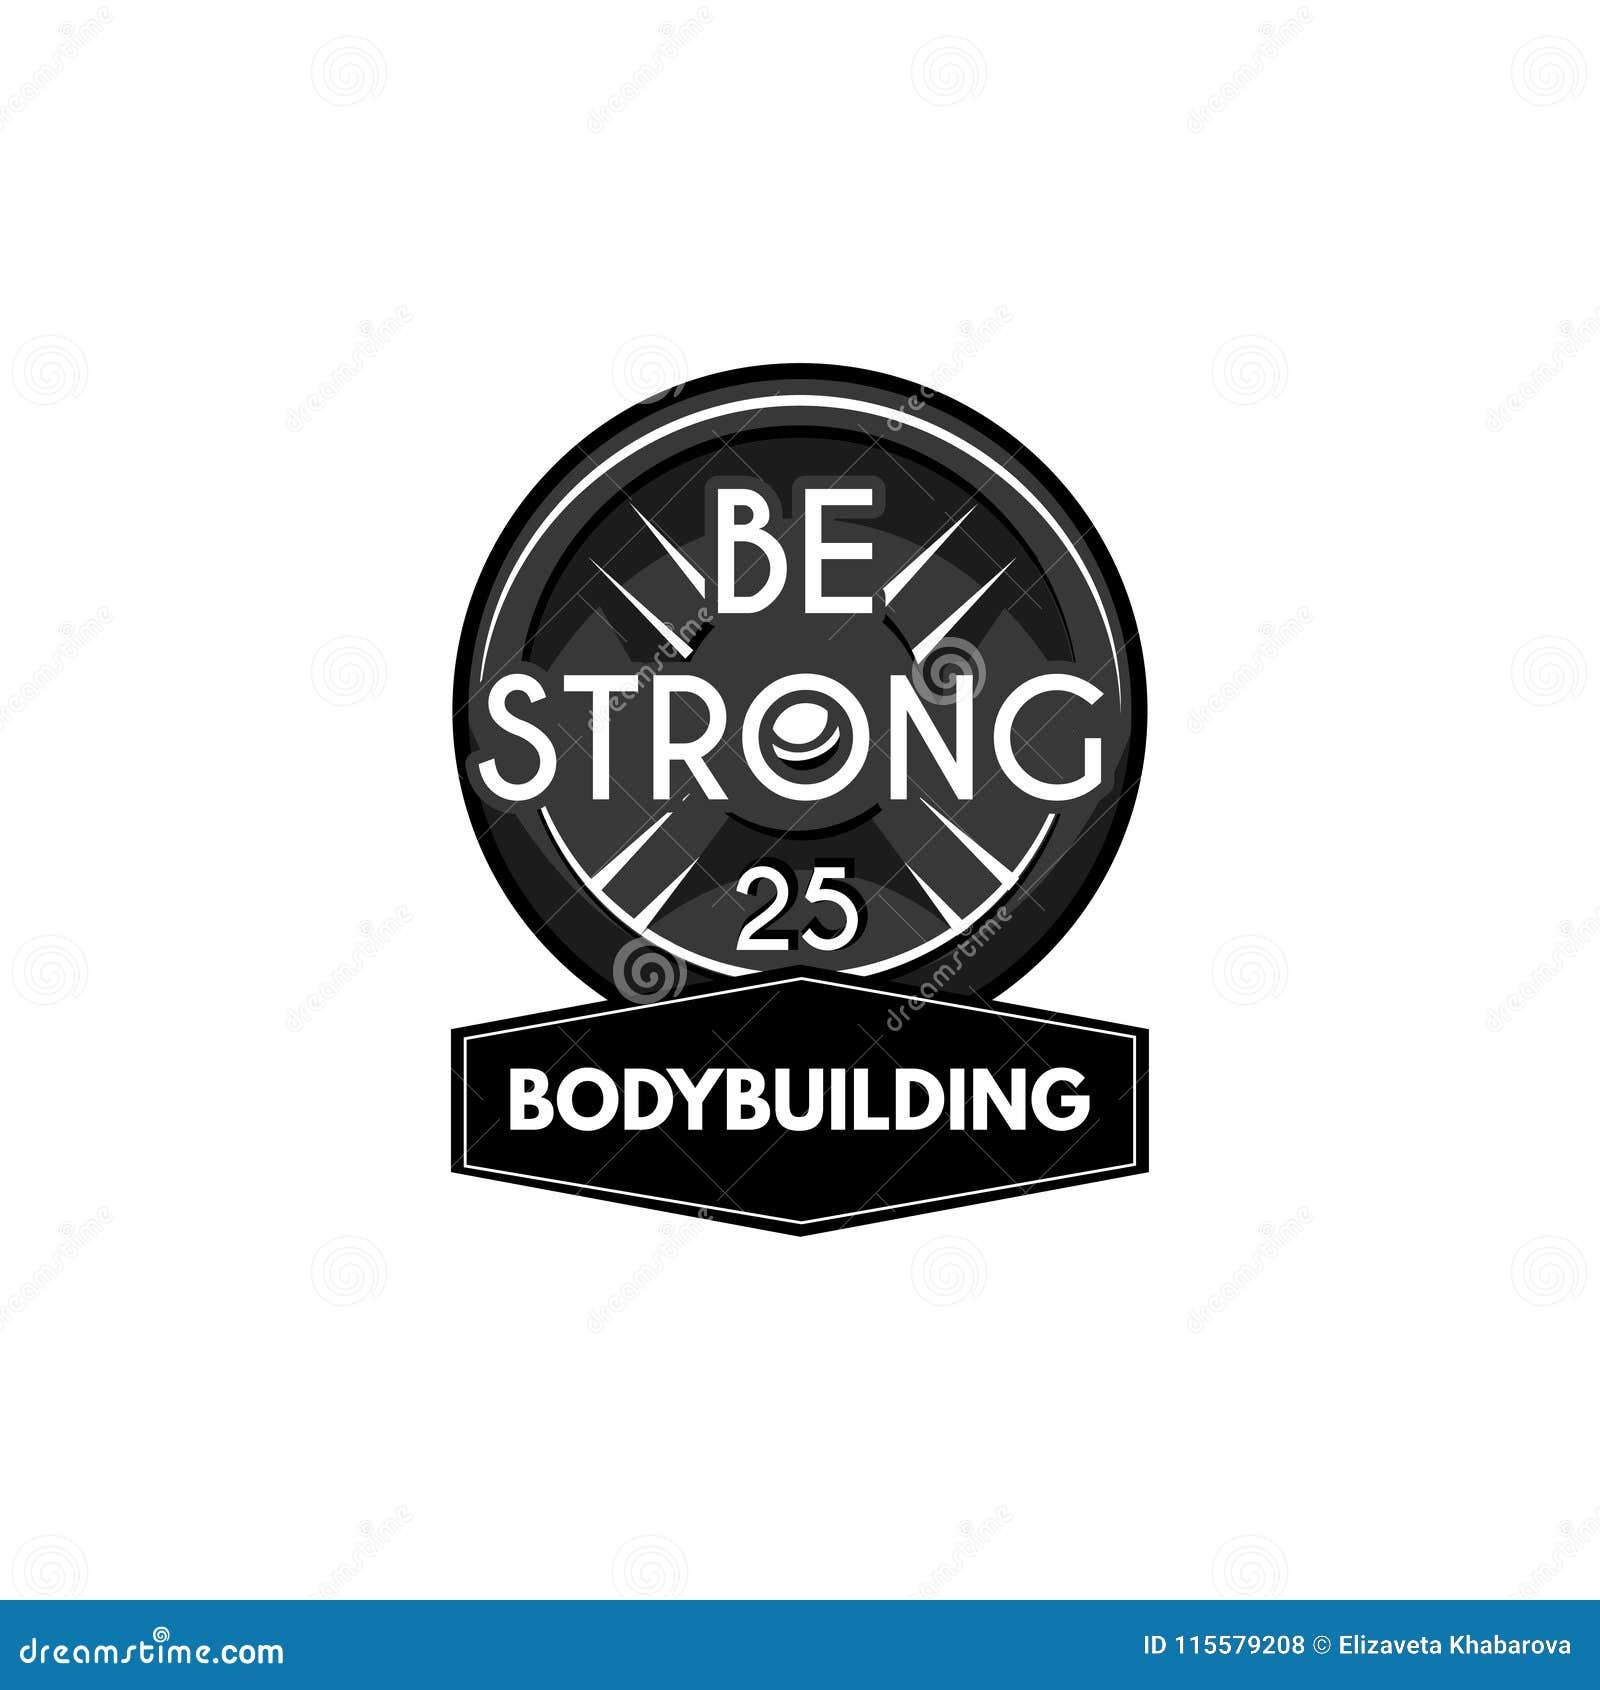 Ciężaru udźwigu powerlifting talerz Bodybuilding loga etykietka Barbell dysk wektor